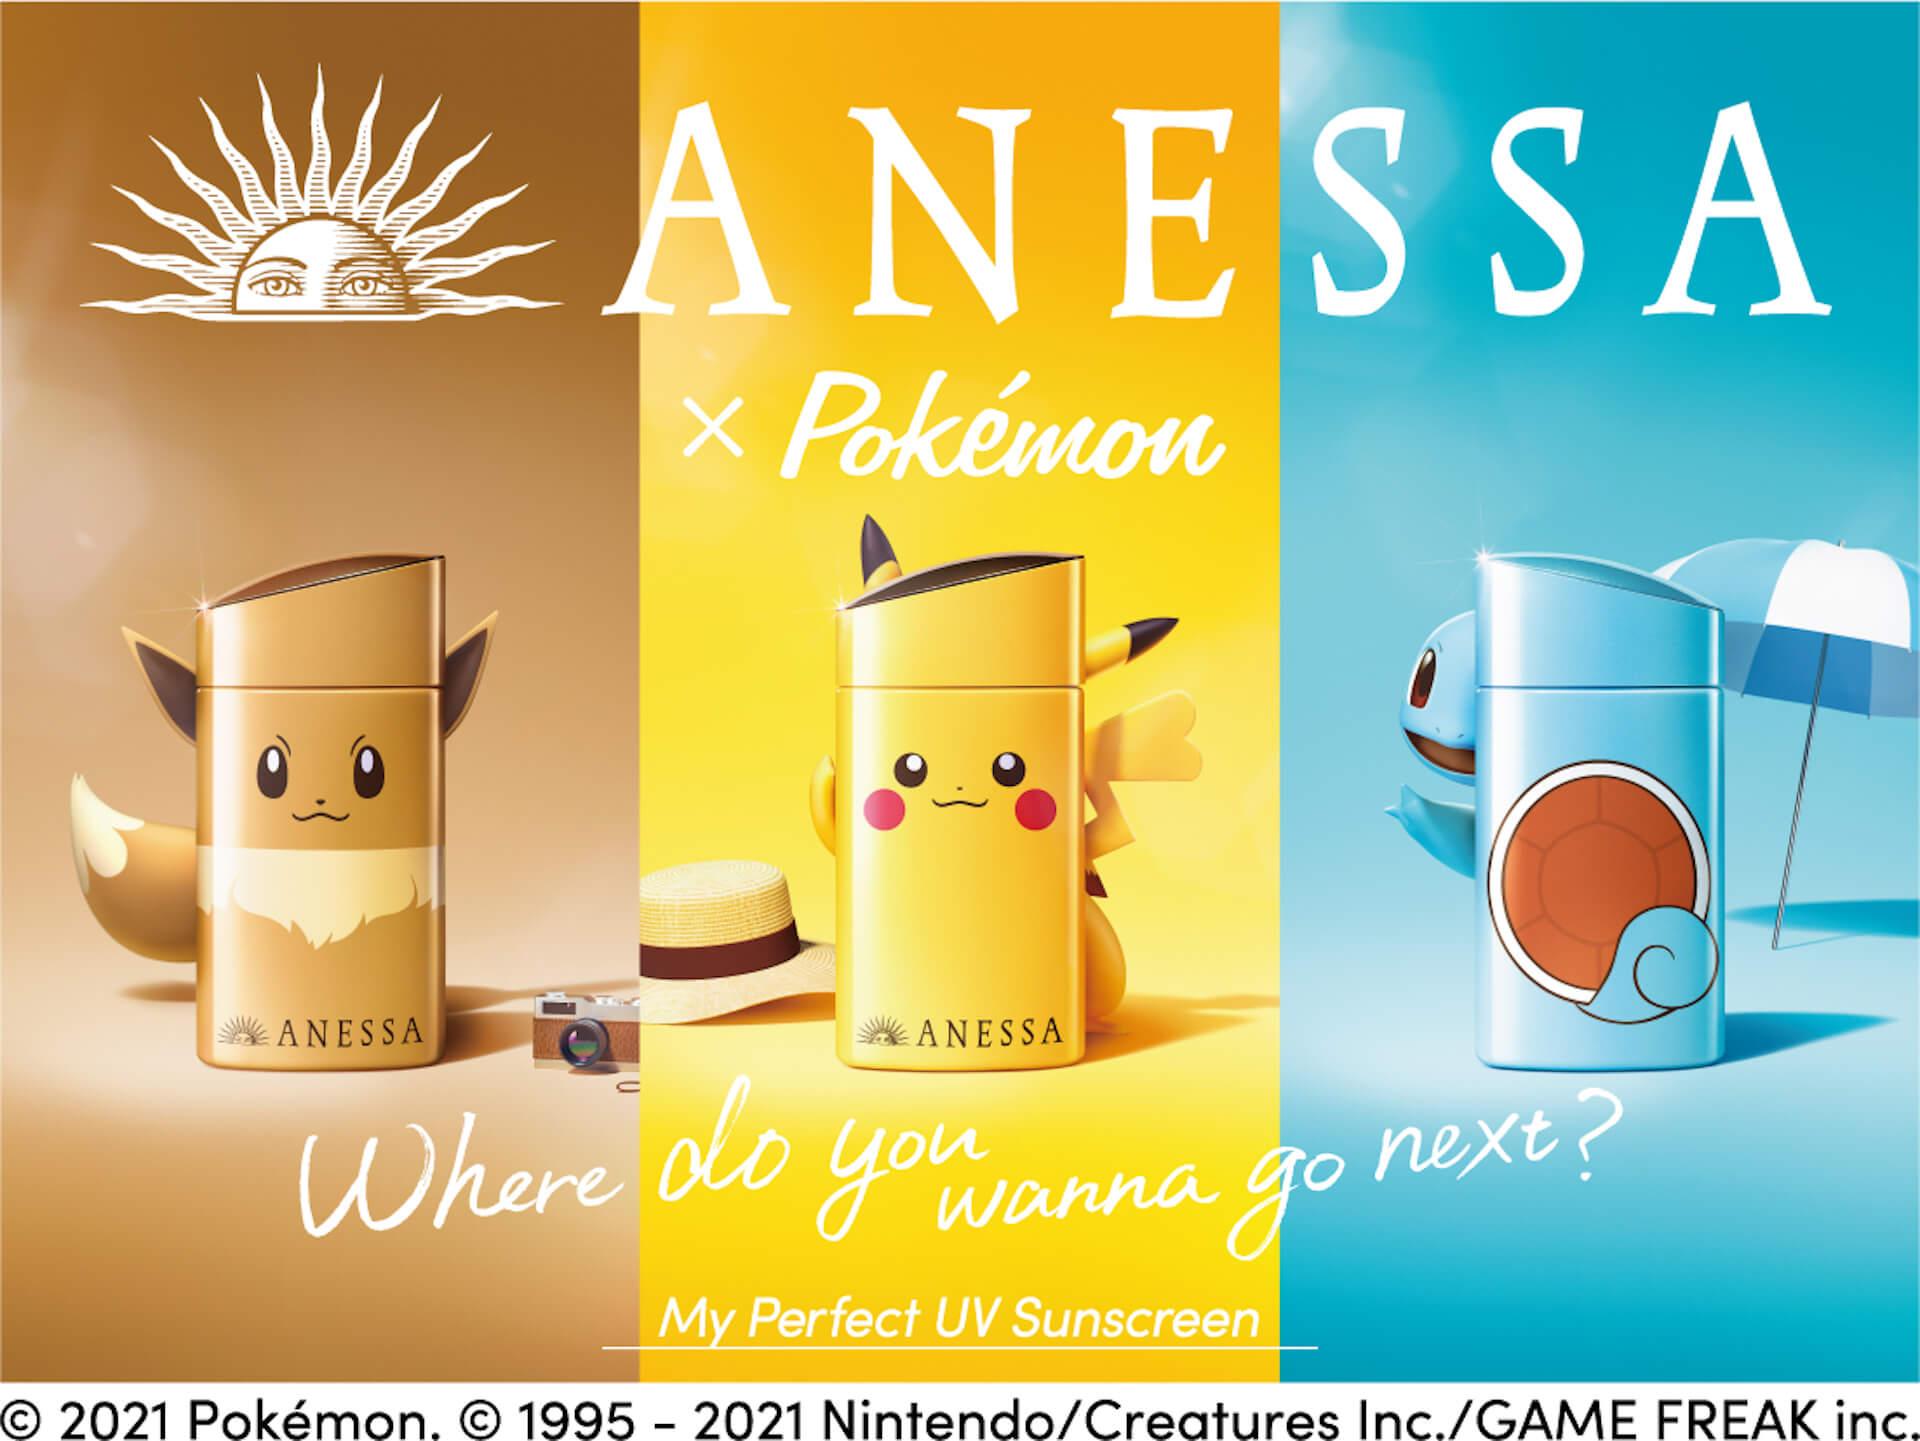 アネッサとポケモンのコラボが実現!ピカチュウ、イーブイ、ゼニガメの日焼け止めが数量限定で発売決定 life210226_pokemon_anessa_1